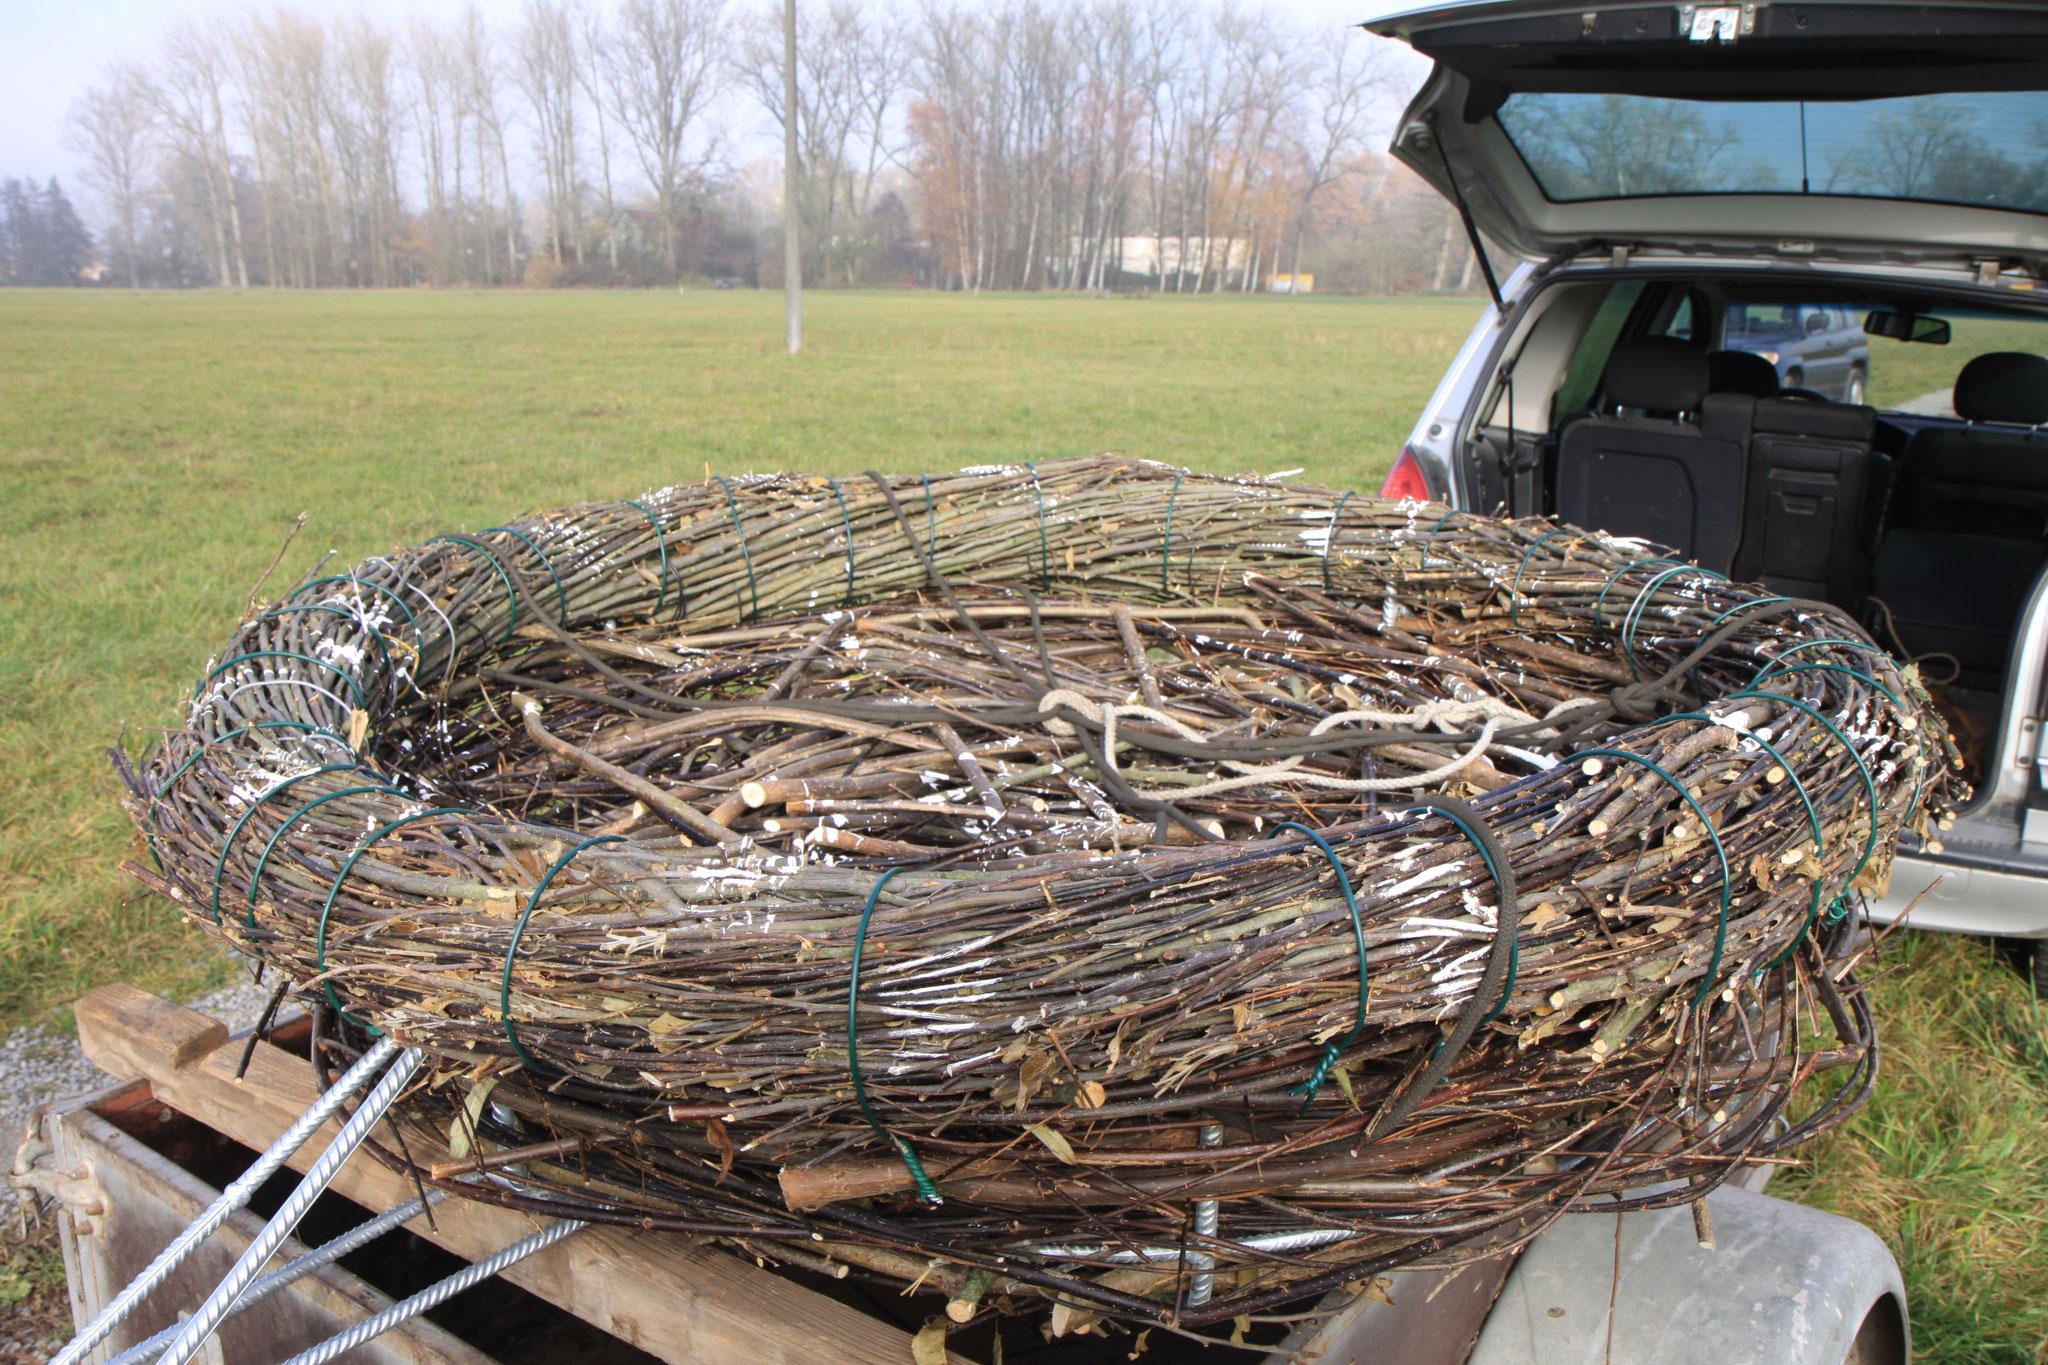 """fertiges Nest mit """"Gebrauchsspuren"""" (Foto: B. Budig)"""